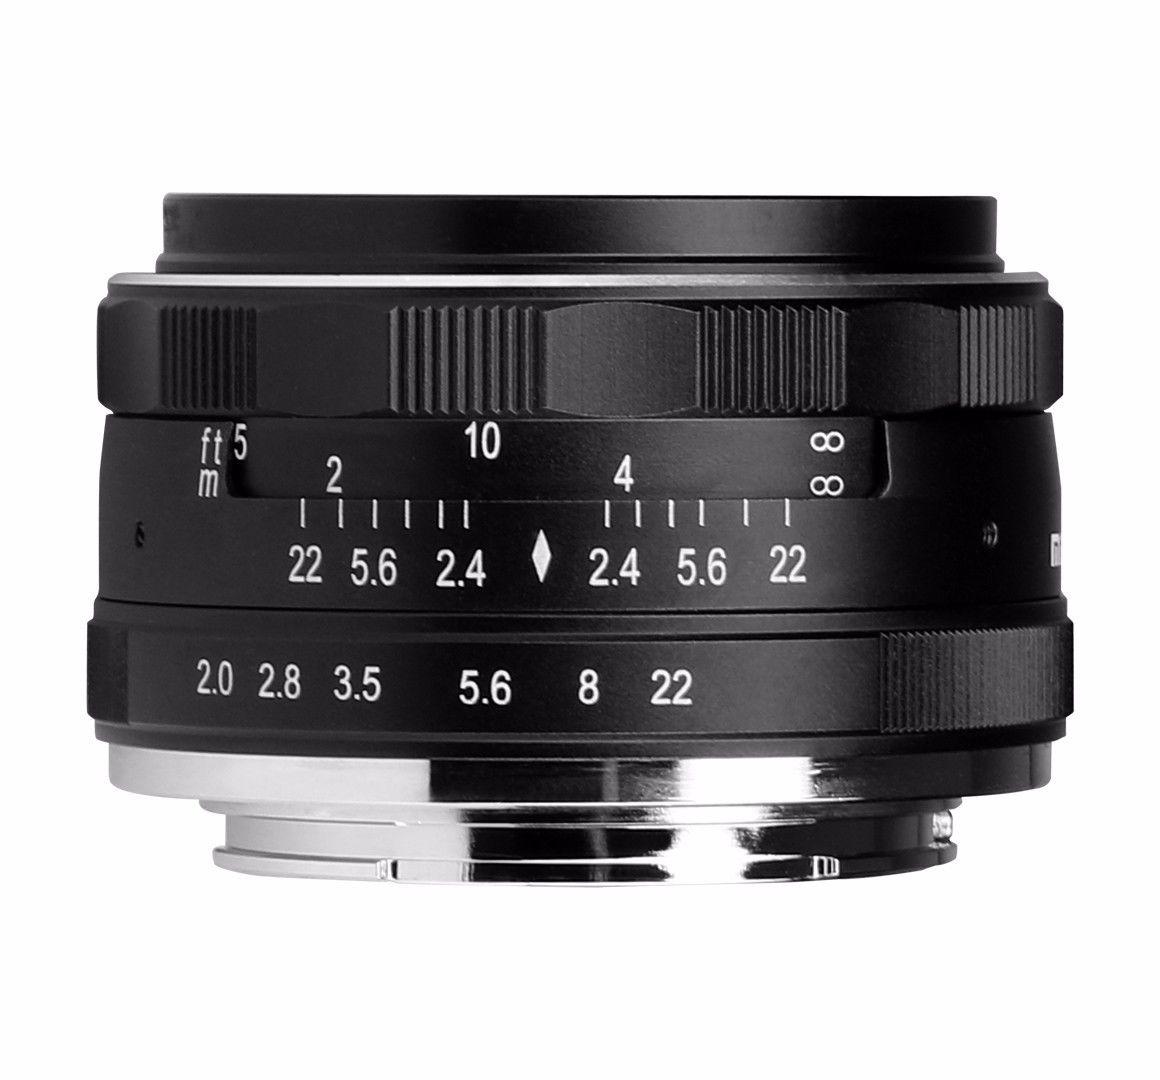 50mm F2.0 Aperture Manual Focus Lens APS-C for Nikon1 V1/J1/V2/J2/J3/V3/S1/S2 camera 50mm f2 0 aperture manual focus lens aps c for eosm nikon1 m43 sony e mount nex3 5t 6 7 a5000 a6000 a6300 fuji xt1 camera